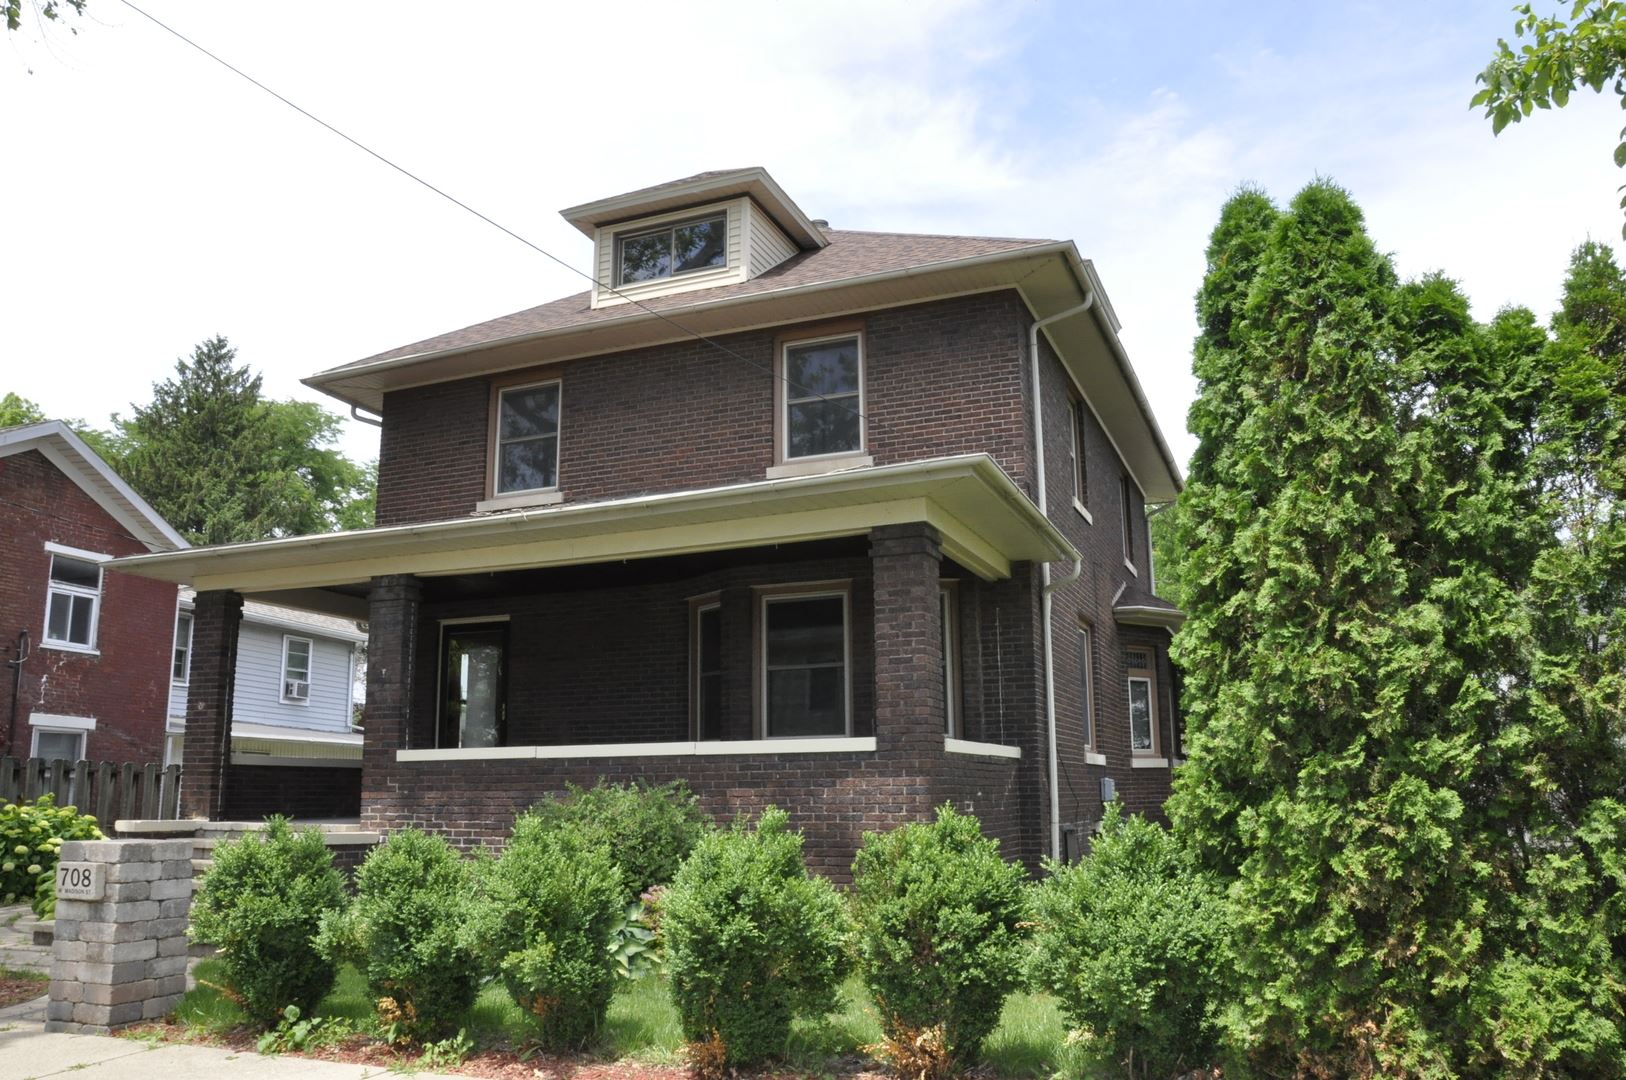 708 W Madison Street, Ottawa, IL 61350 - #: 10660203